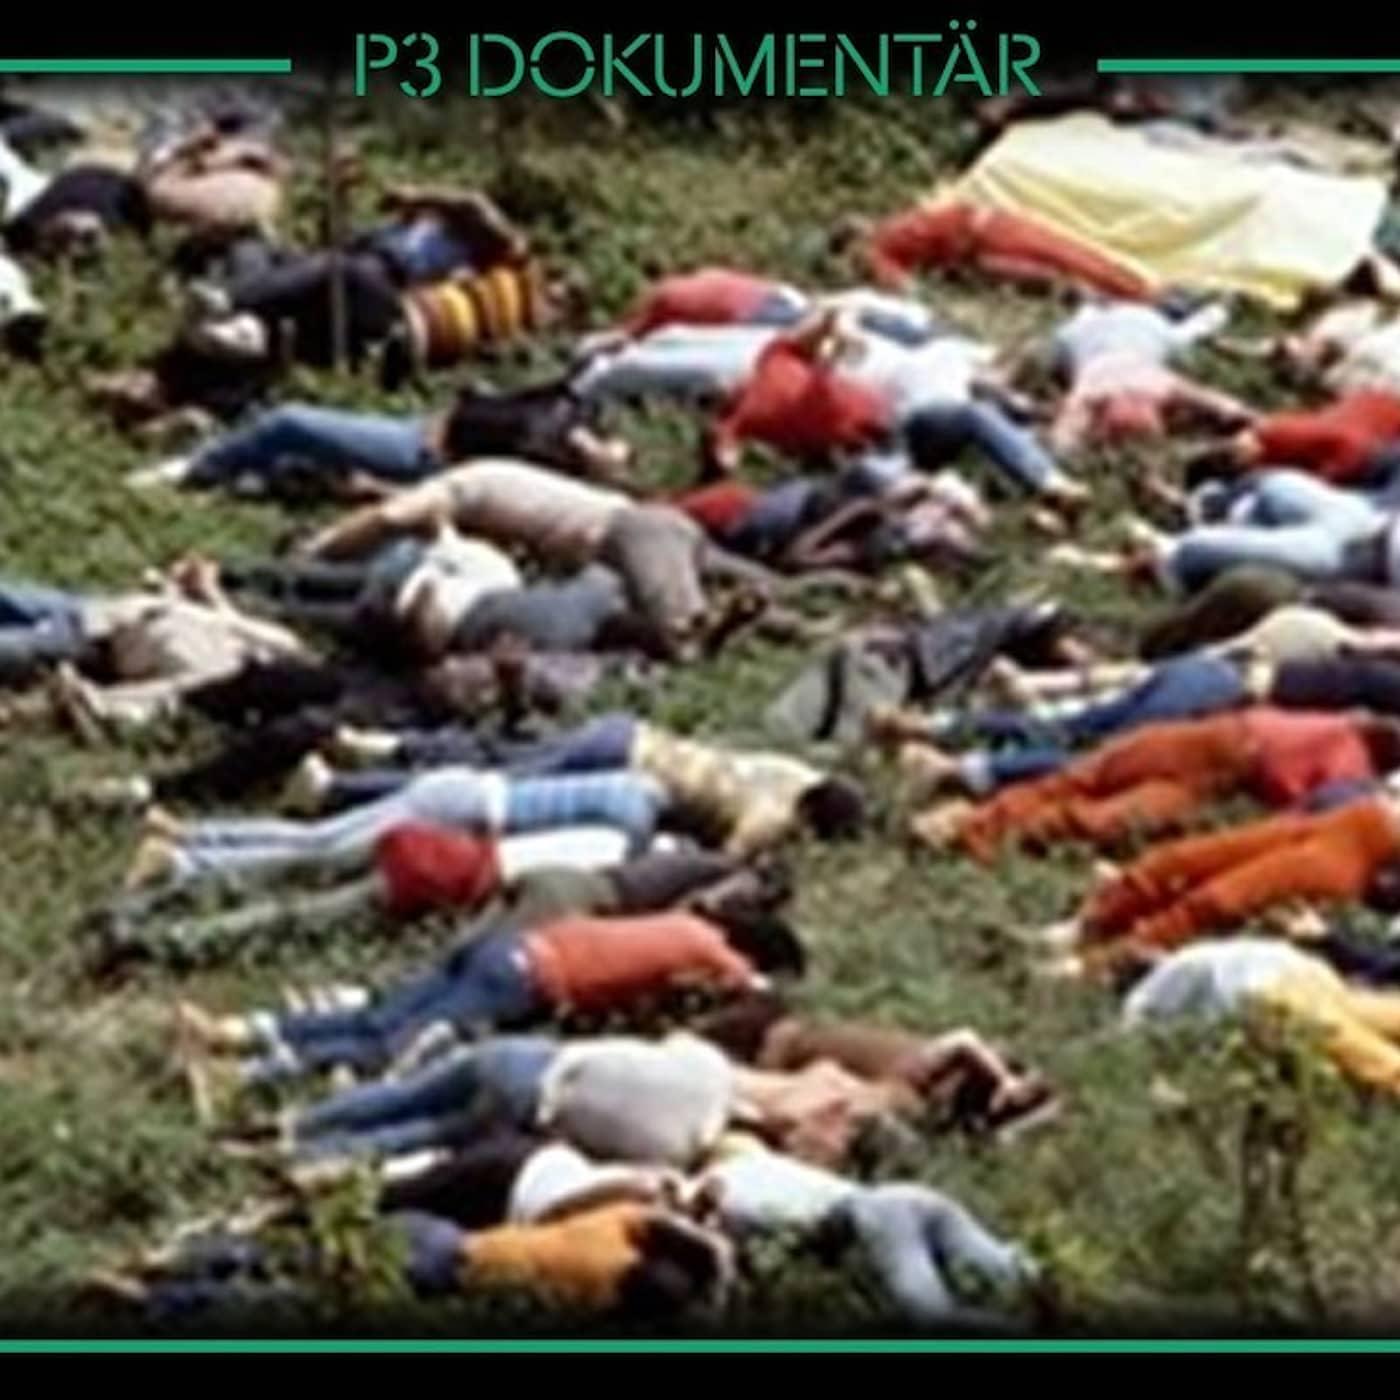 PODDTIPS: P3 Dokumentär om Jonestown